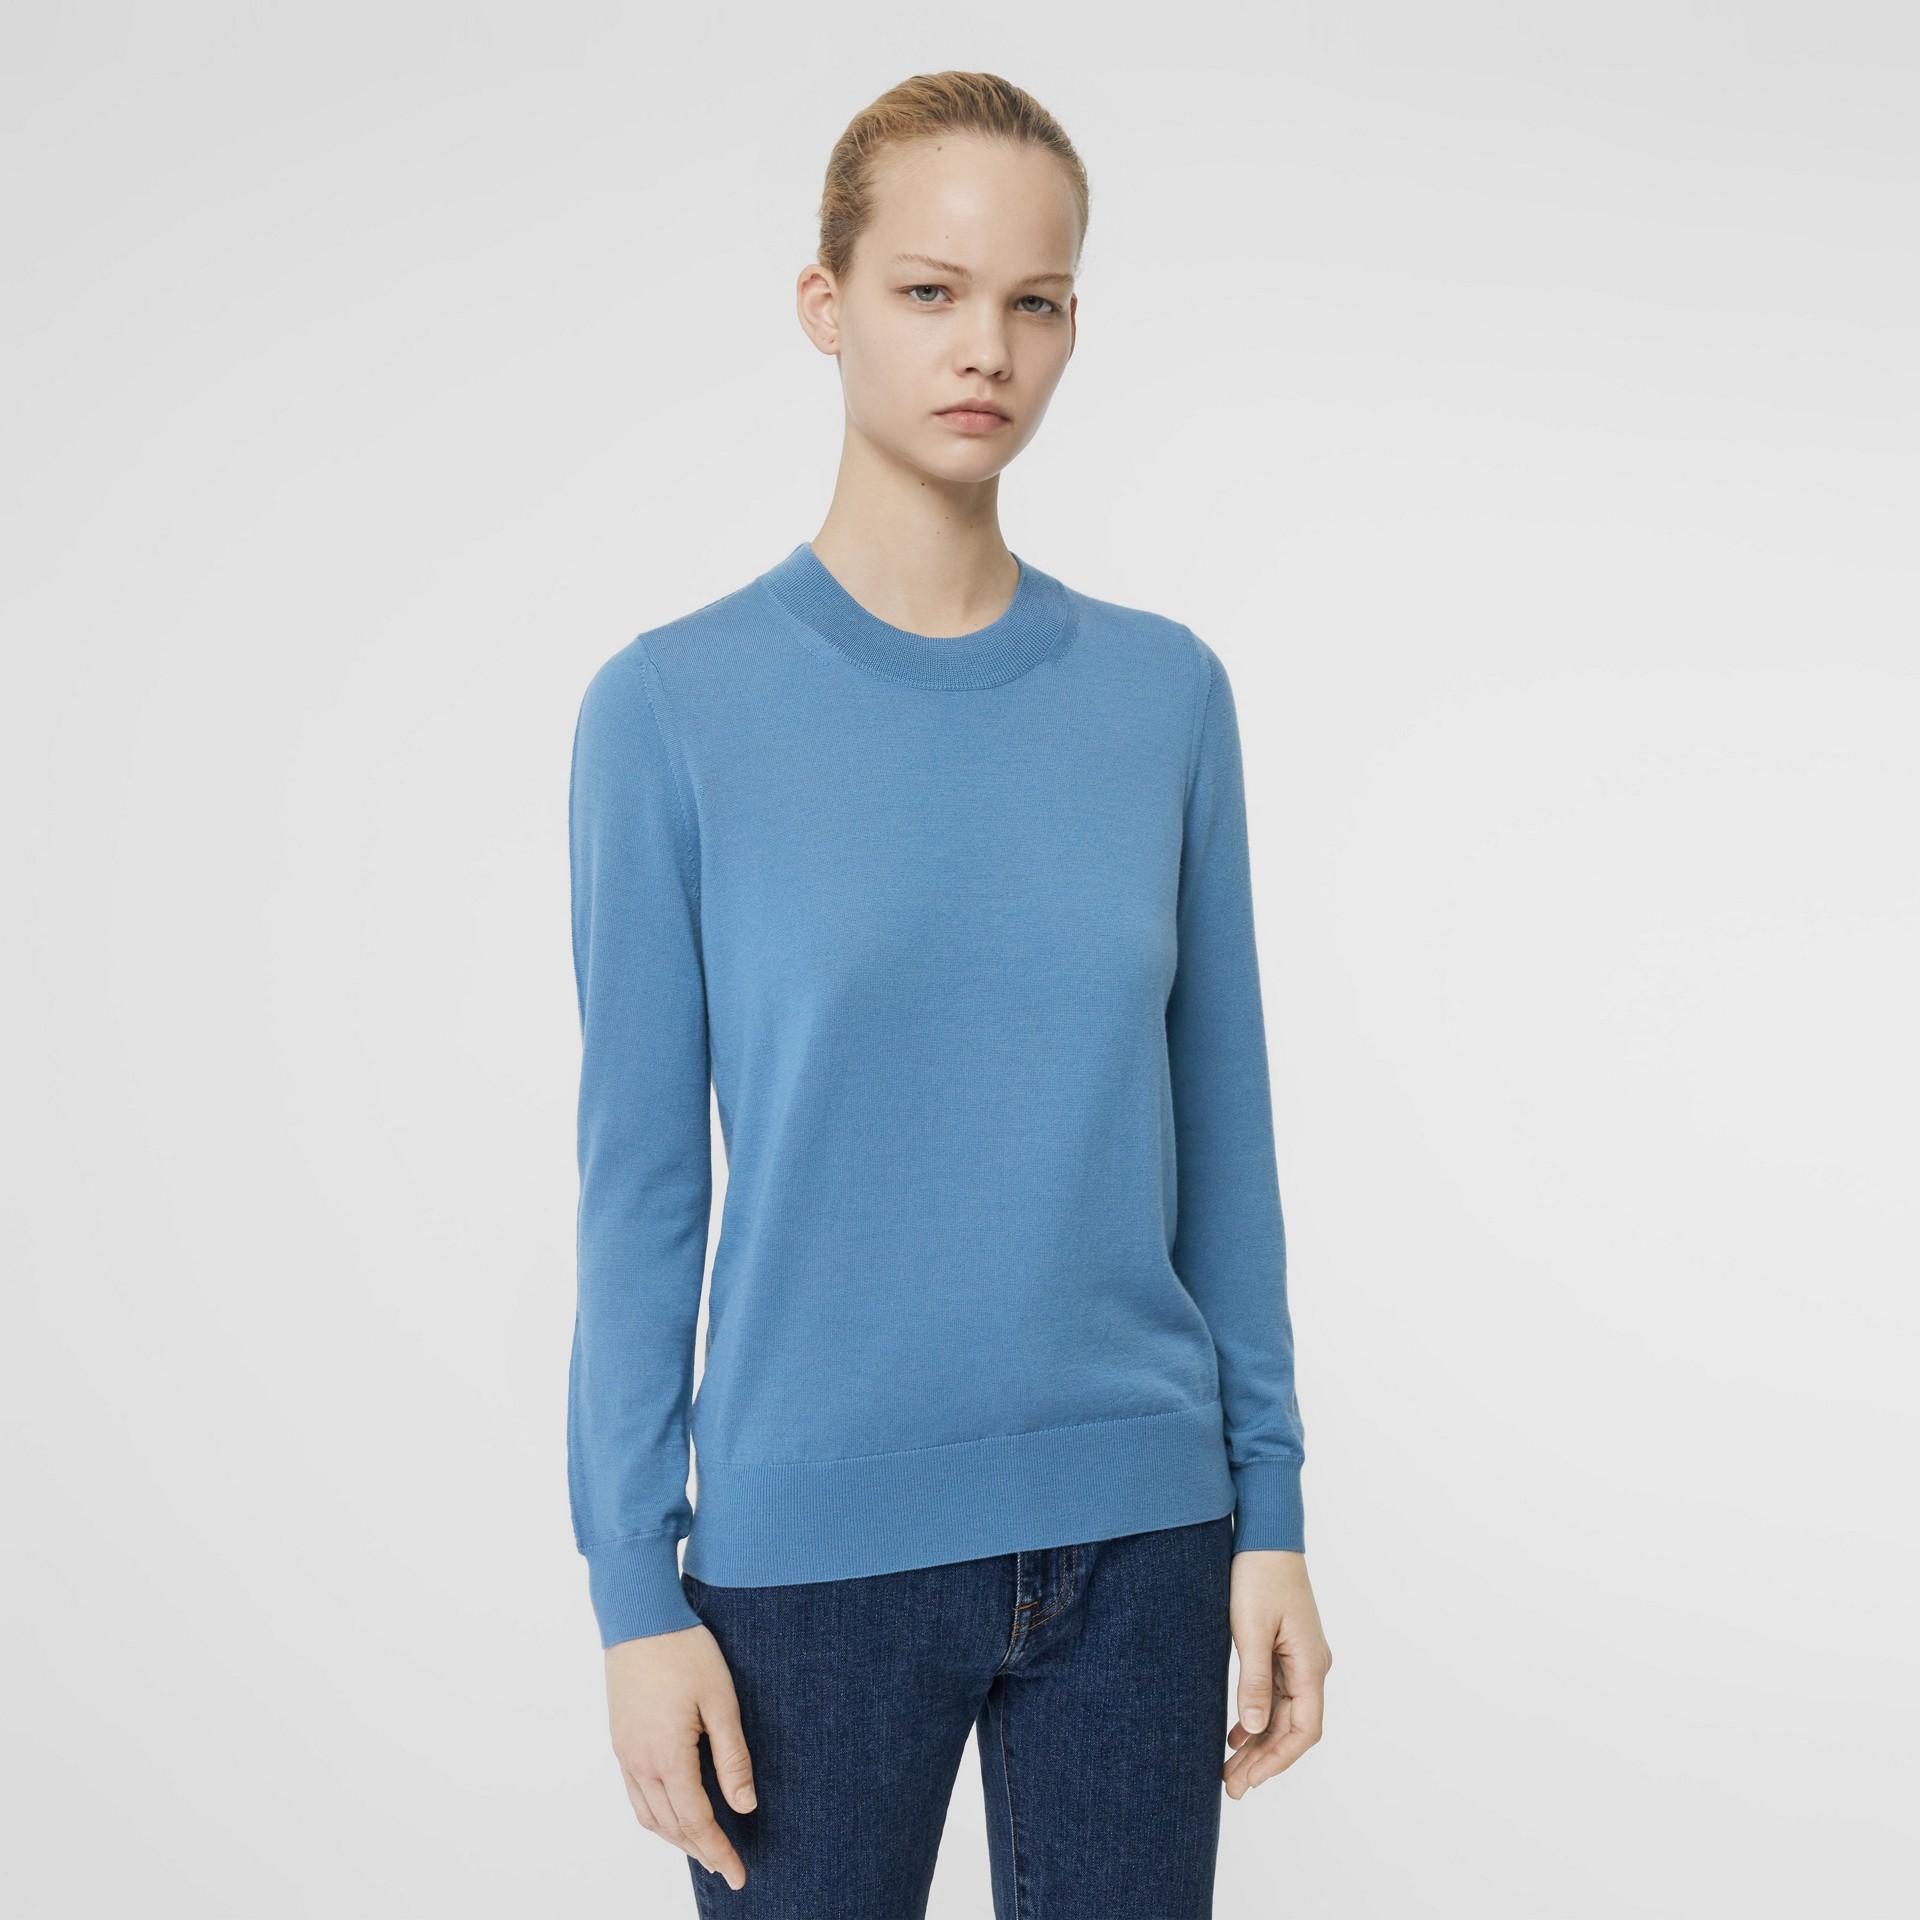 徽標細節設計美麗諾羊毛套頭衫 (鵝卵石藍) - 女款 | Burberry - 圖庫照片 0